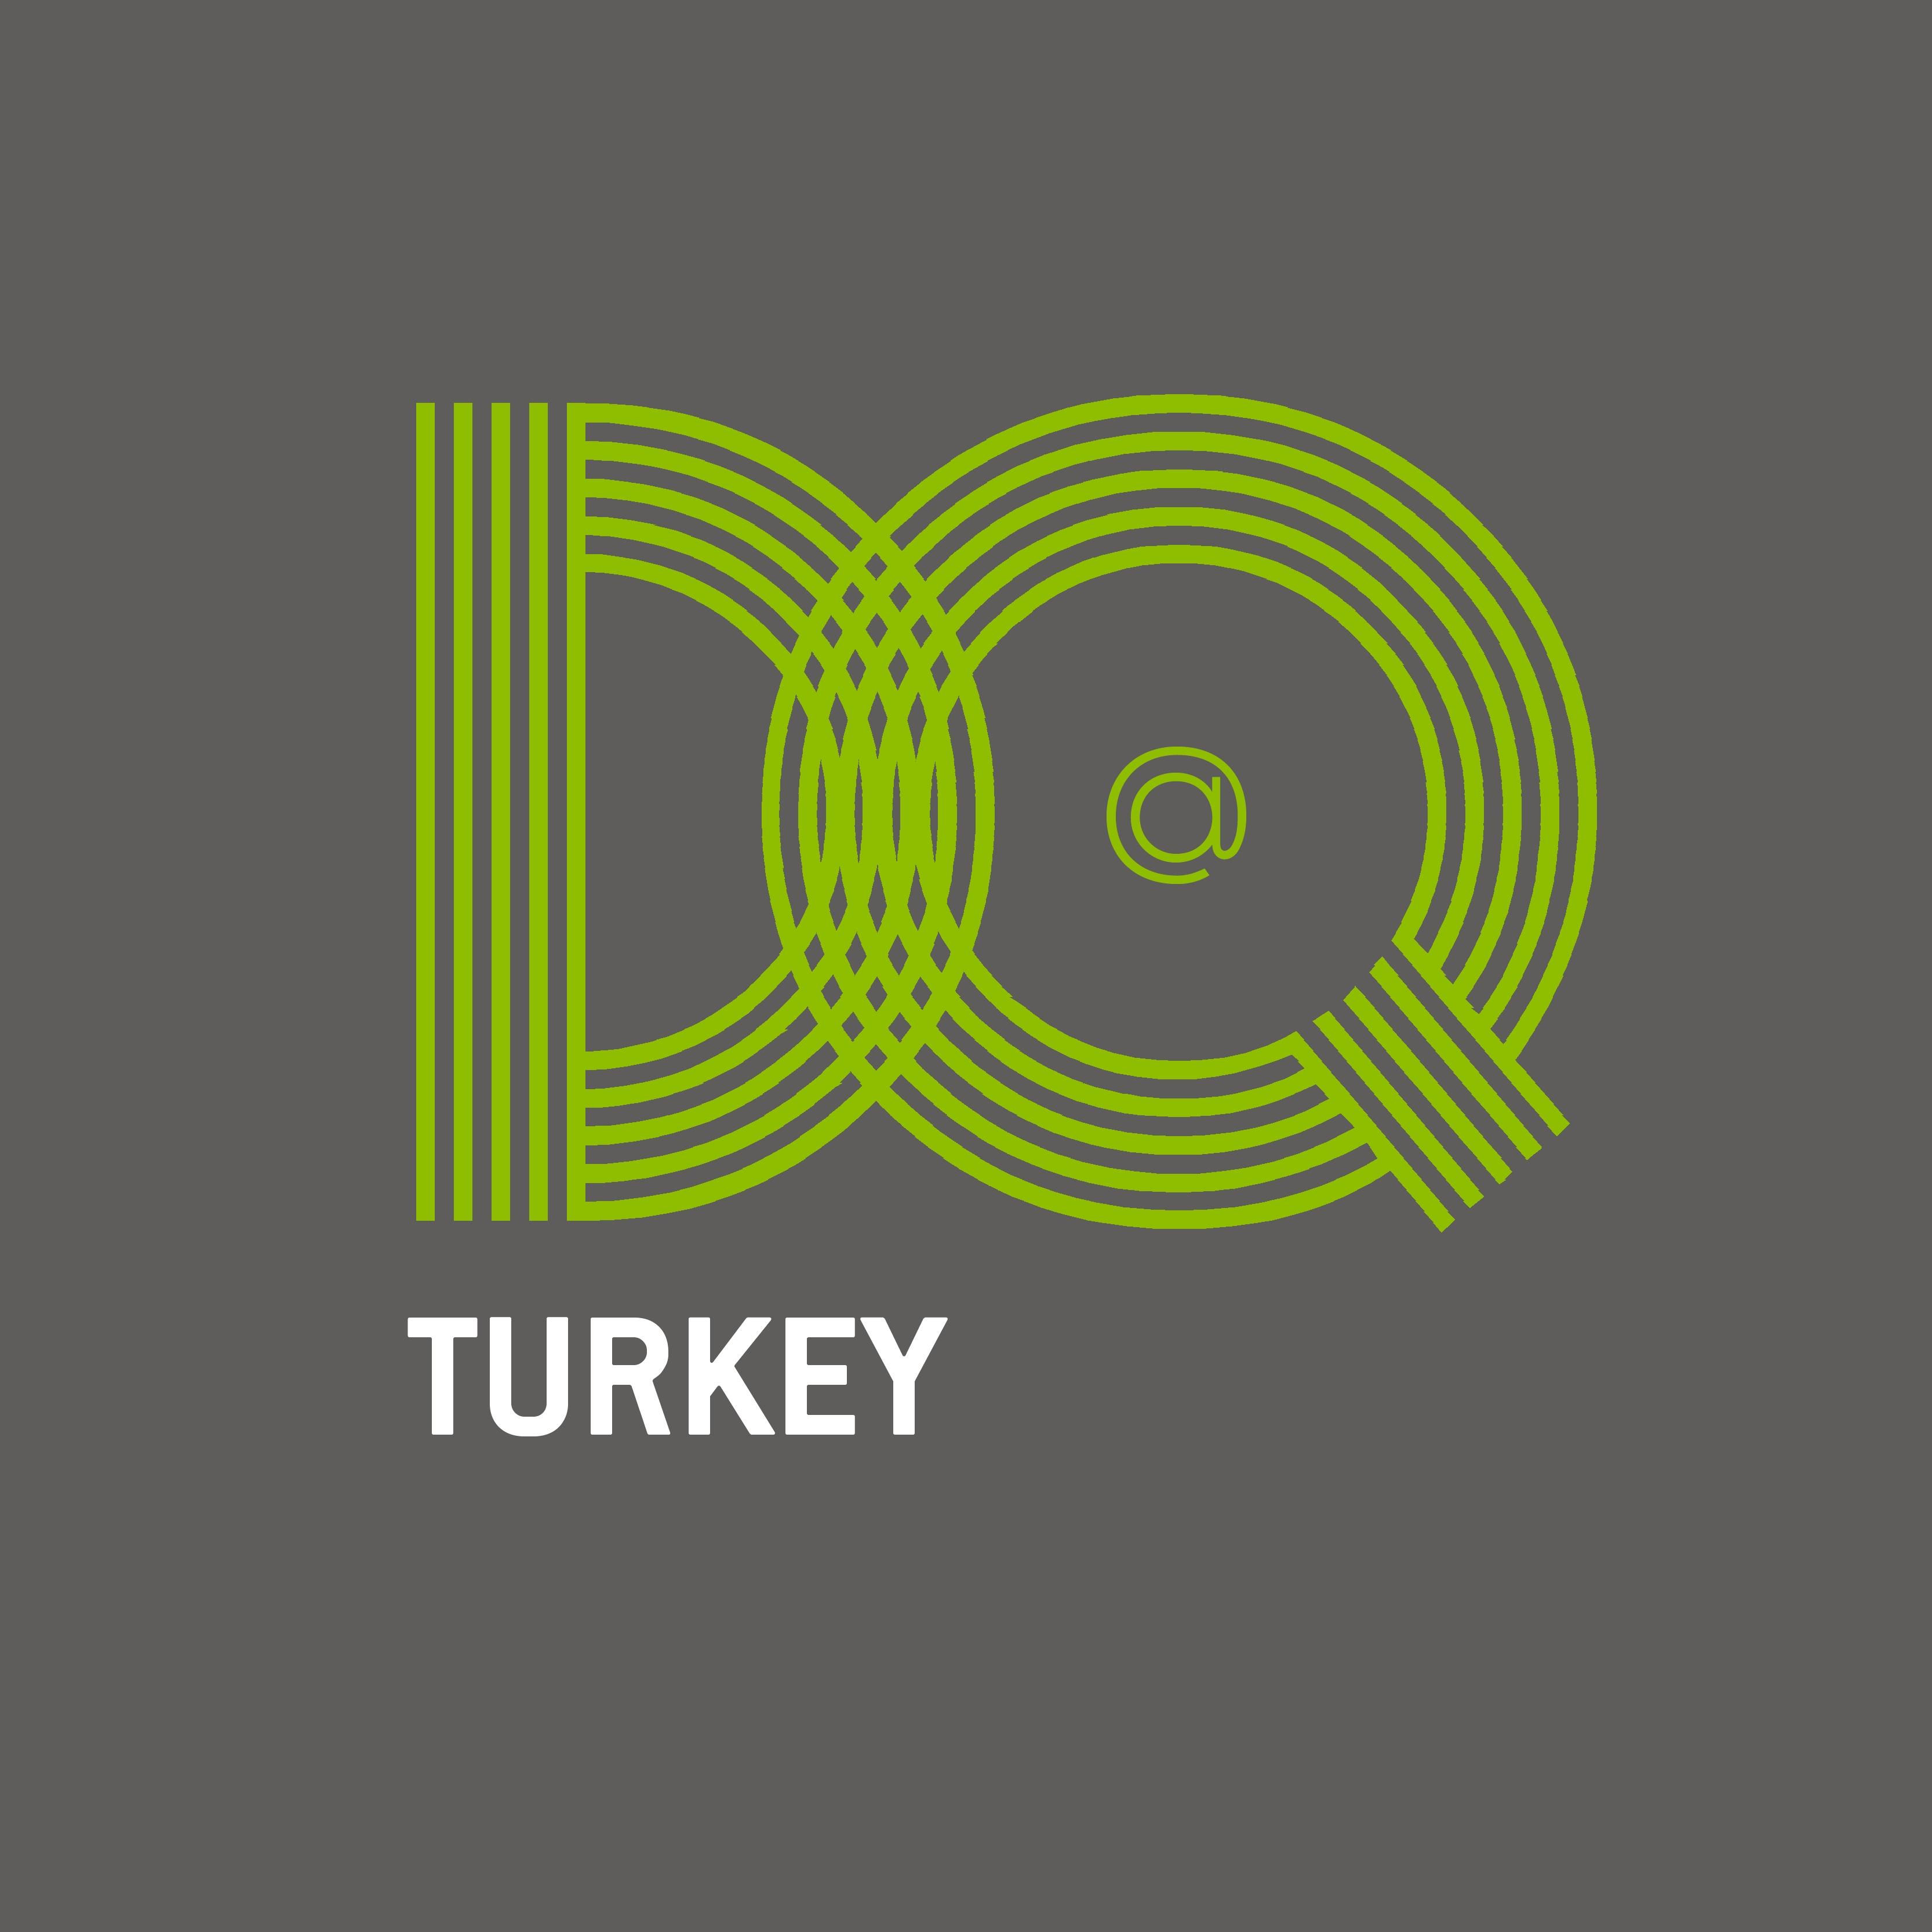 07. DQ - TURKEY